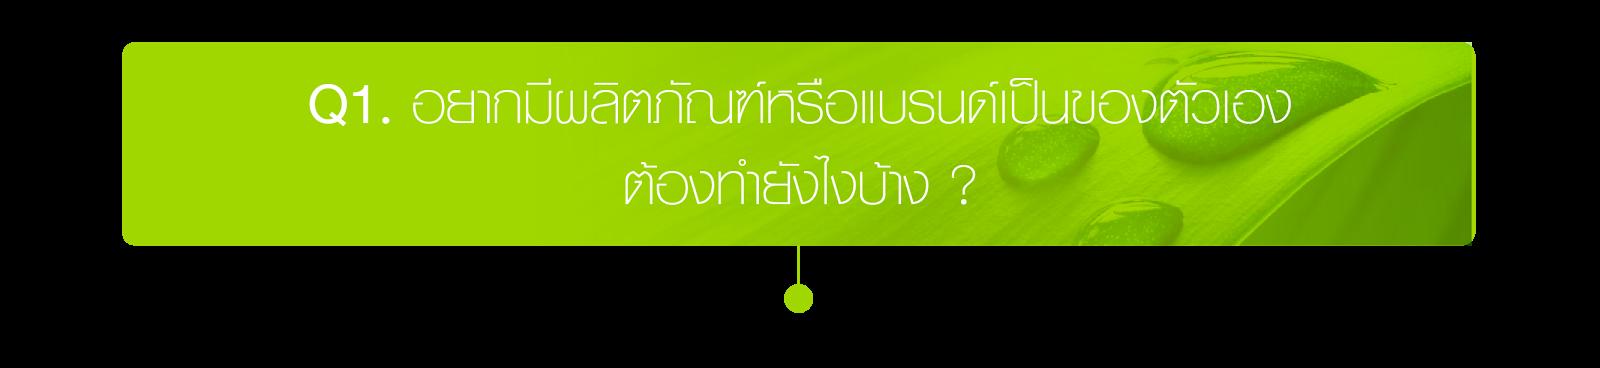 FAQ_img_01